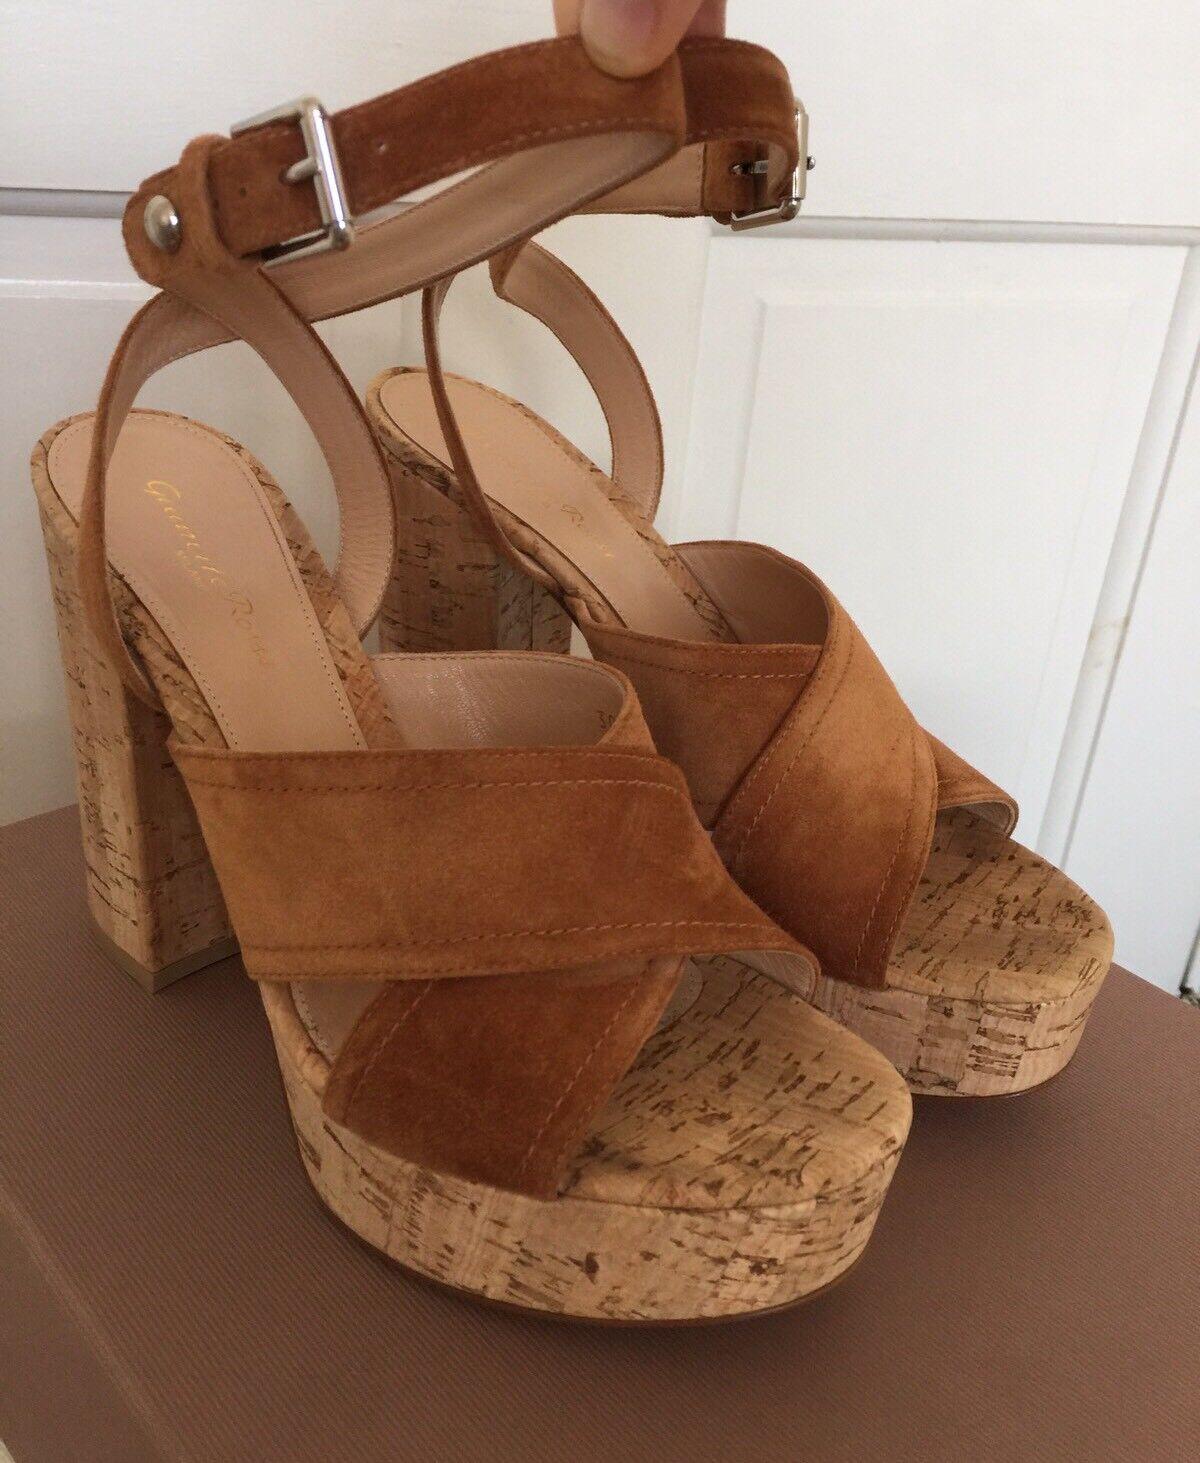 Descuento de liquidación Gianvito Rossi 39.5 Tan Brown Suede Suzie Platform Sandals Cork High Heels New